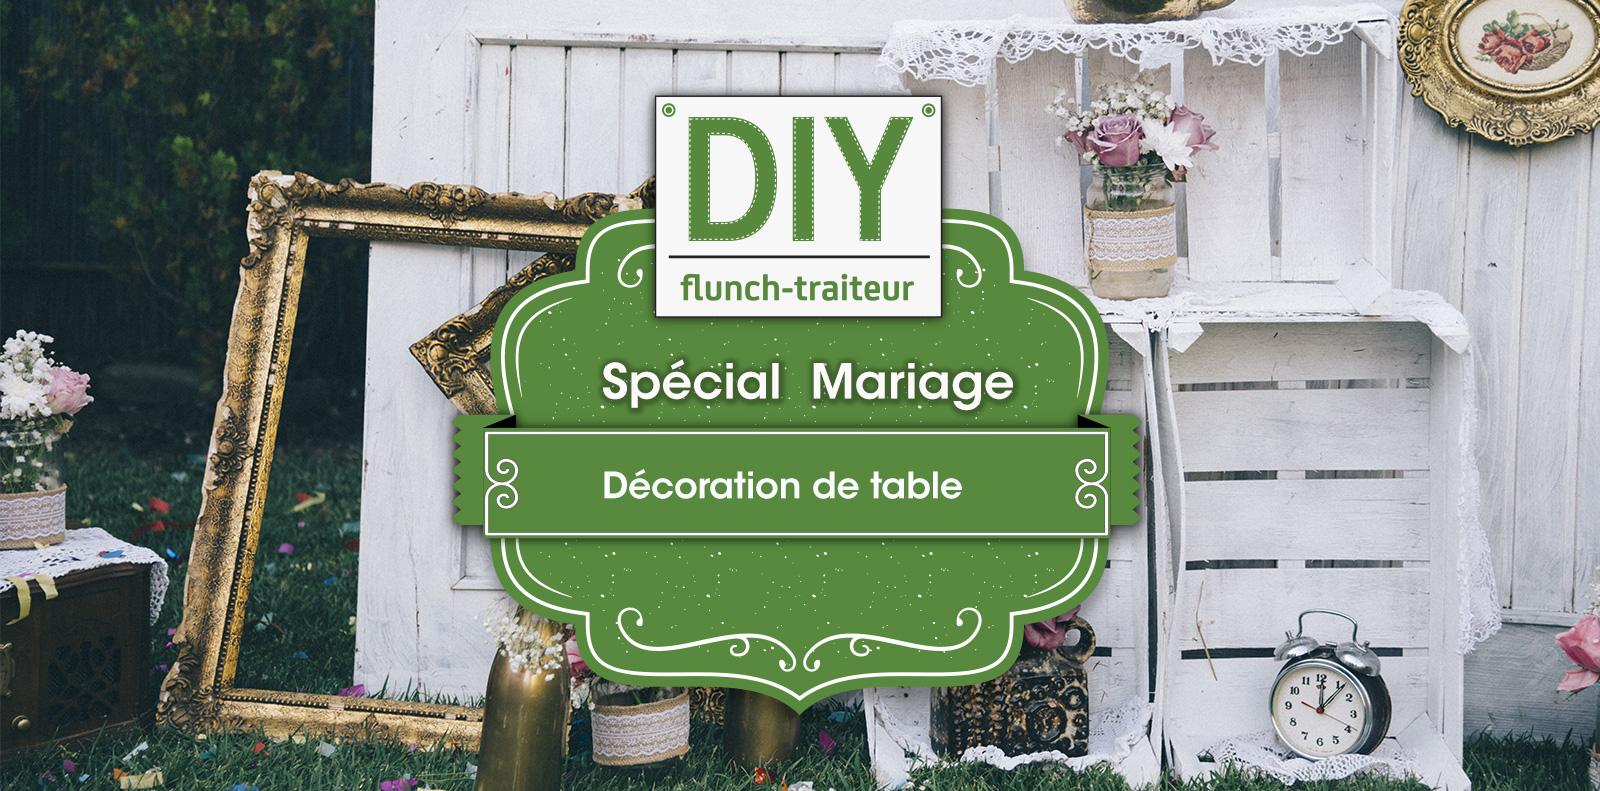 décoration de table diy